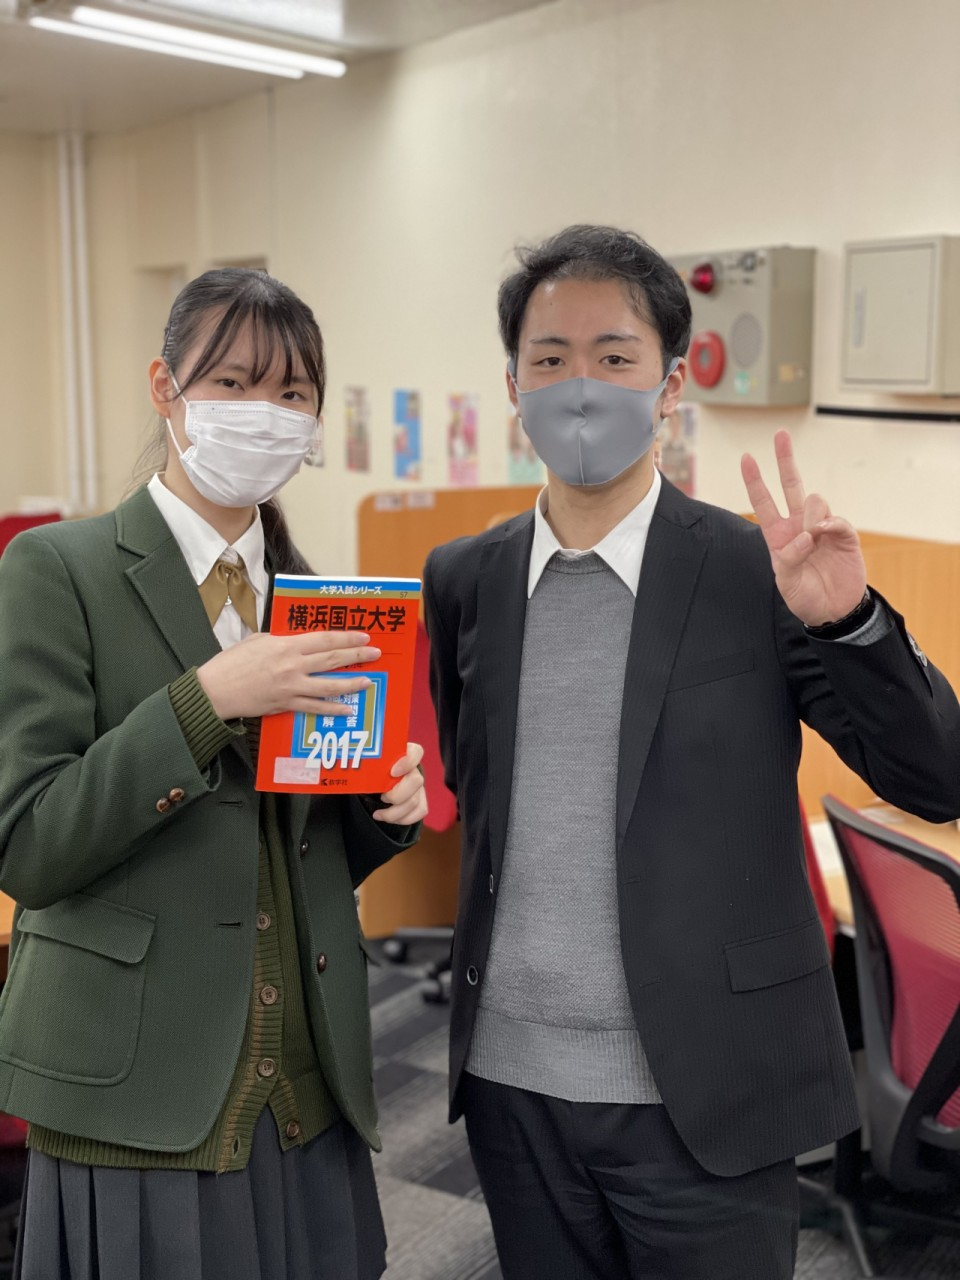 浦本さんと武田